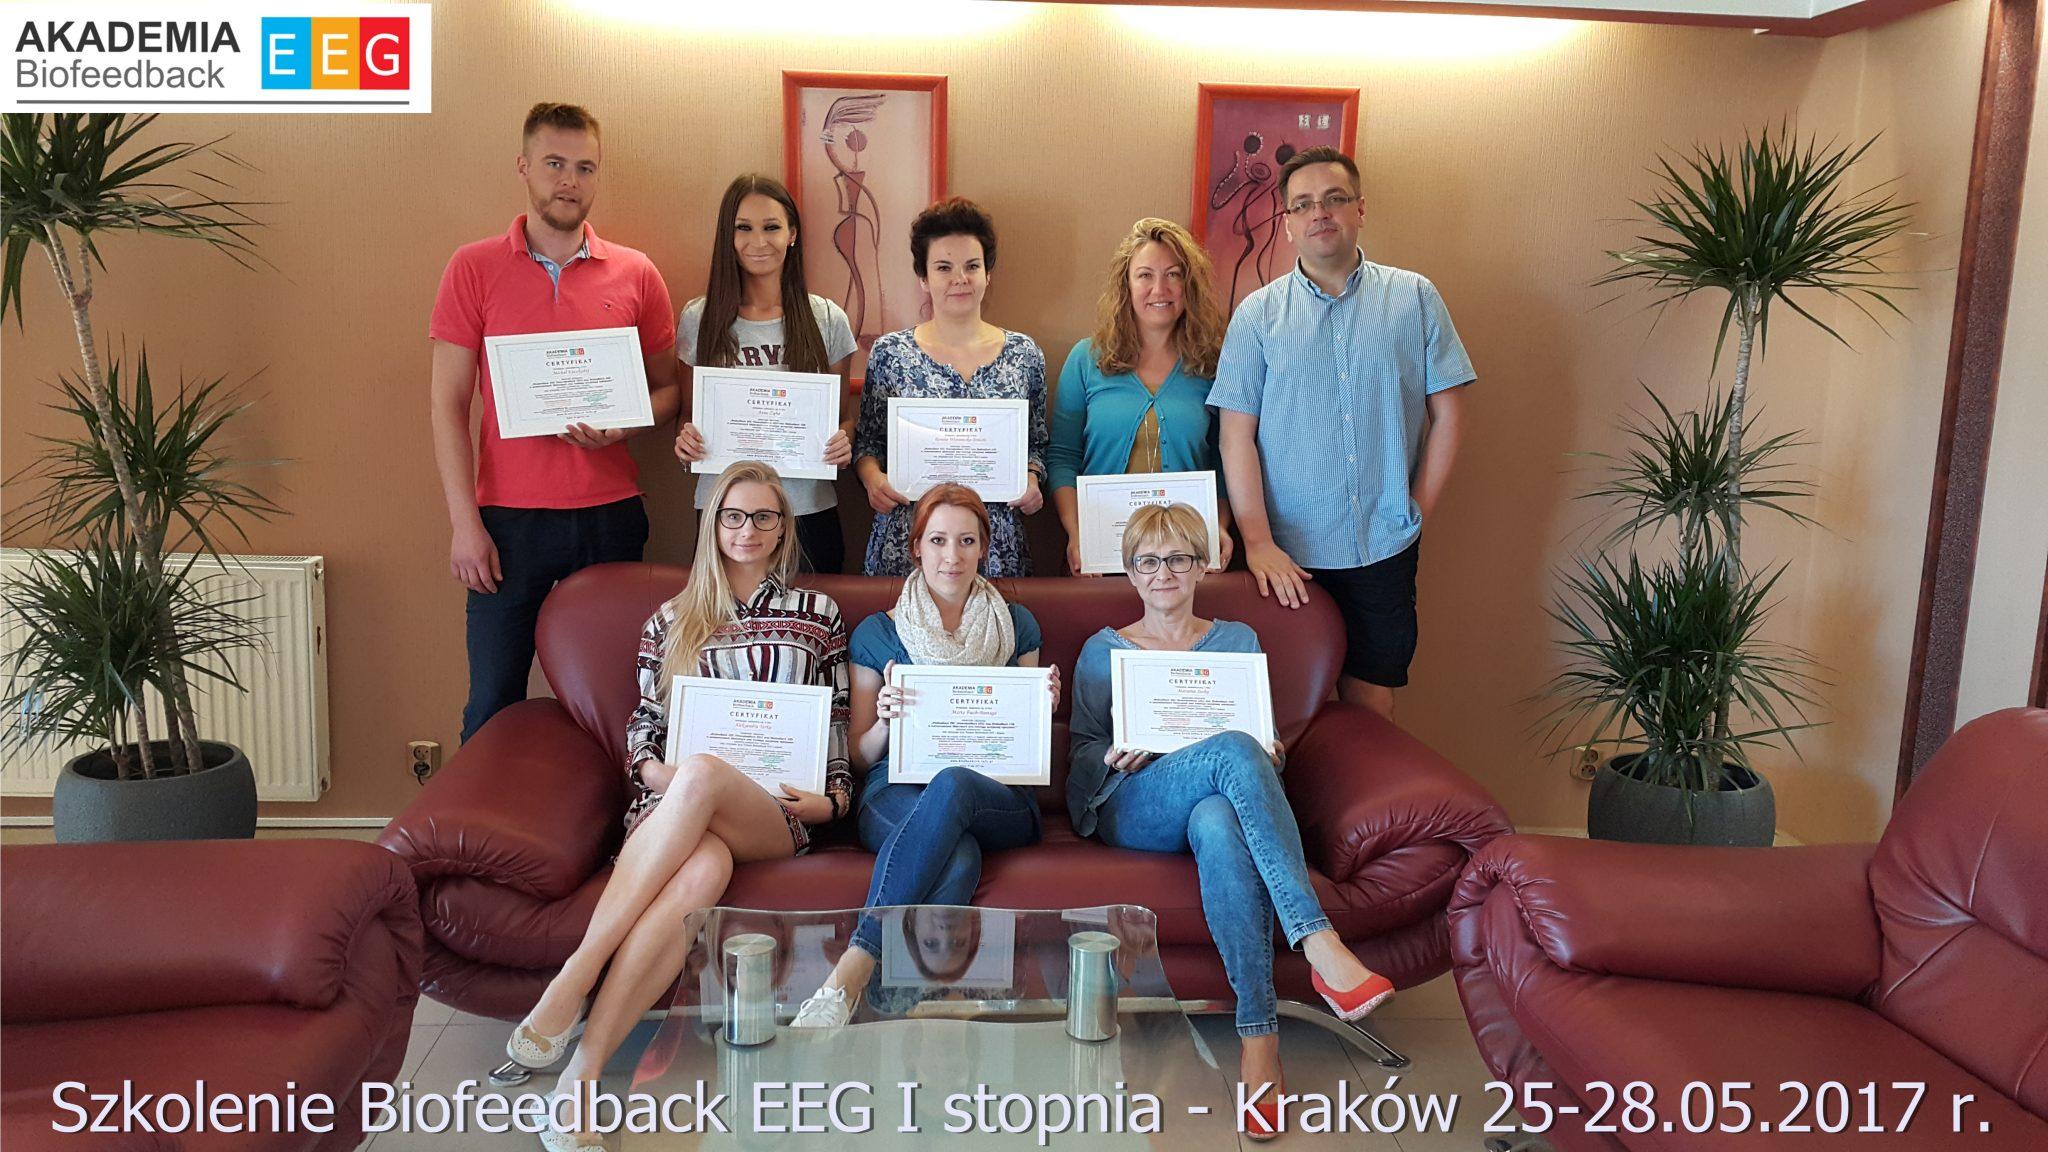 Szkolenie Biofeedback EEG I stopnia – Kraków 25-28.05.2017